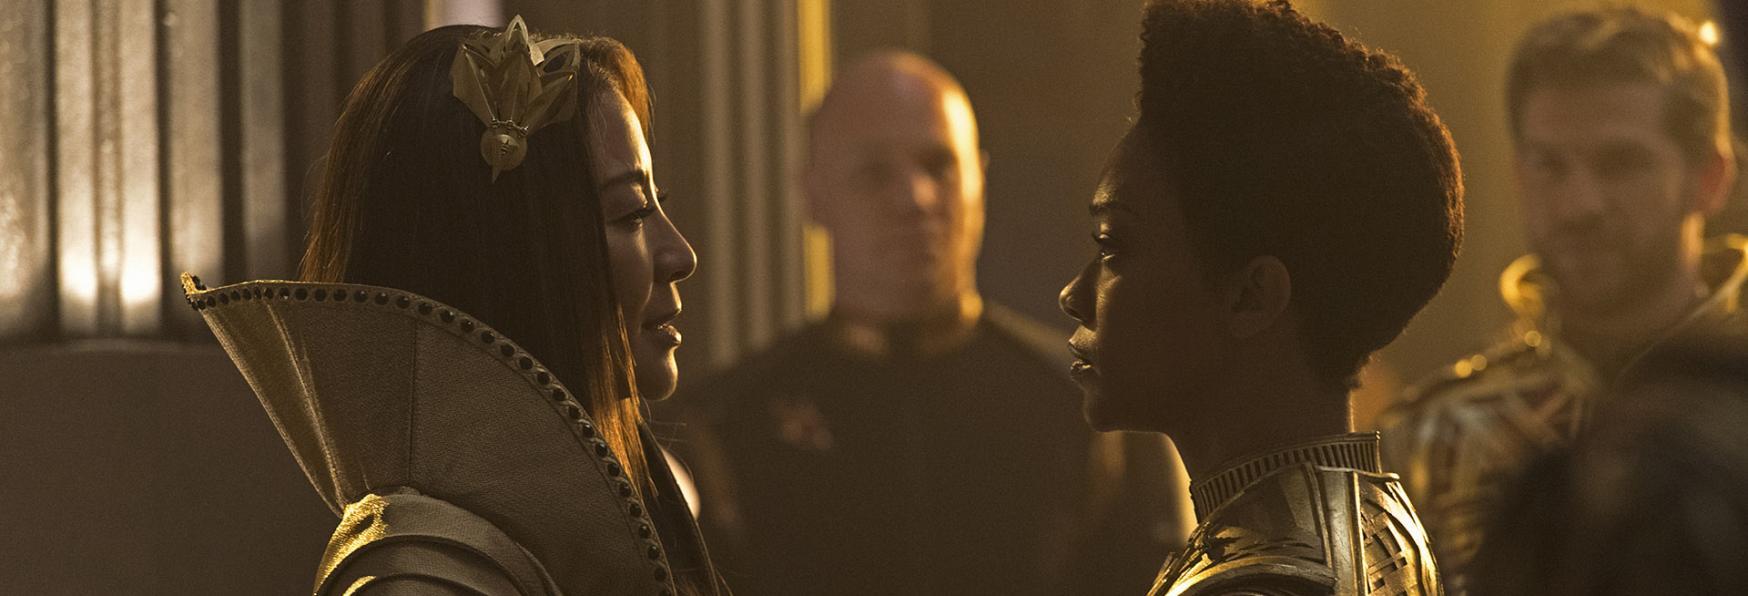 Star Trek: Discovery 3 - La Recensione del Nono Episodio della nuova Stagione